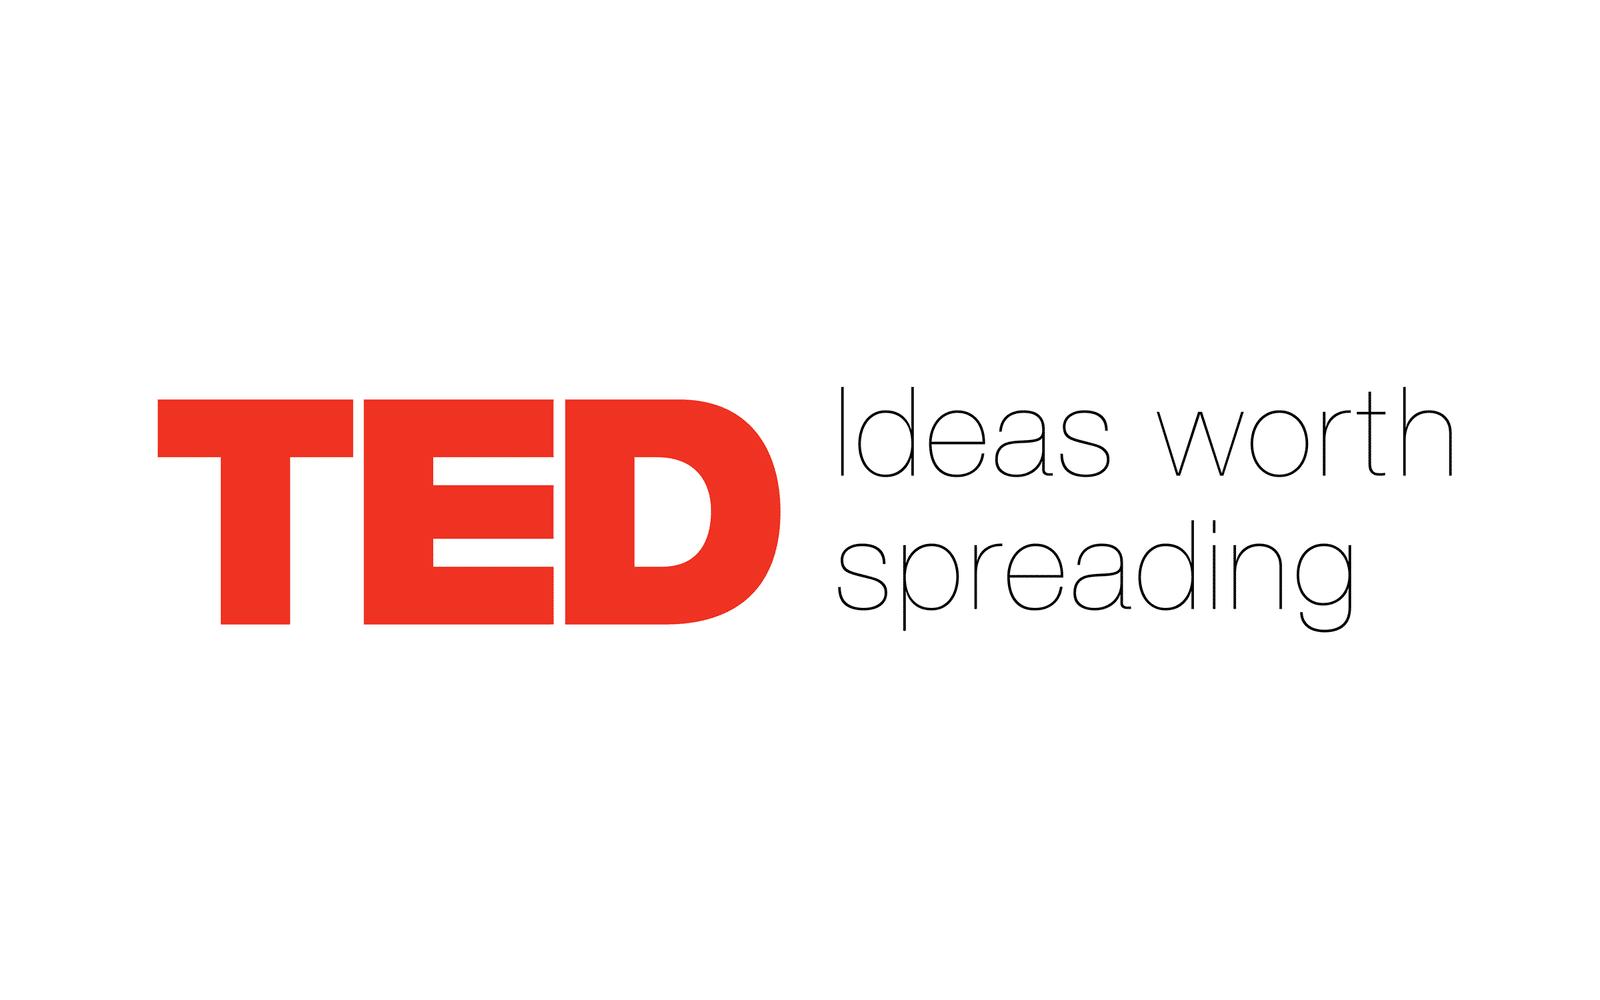 [Thú vui mới] Vừa chạy vừa tìm cảm hứng và luyện tiếng Anh với TED Talks